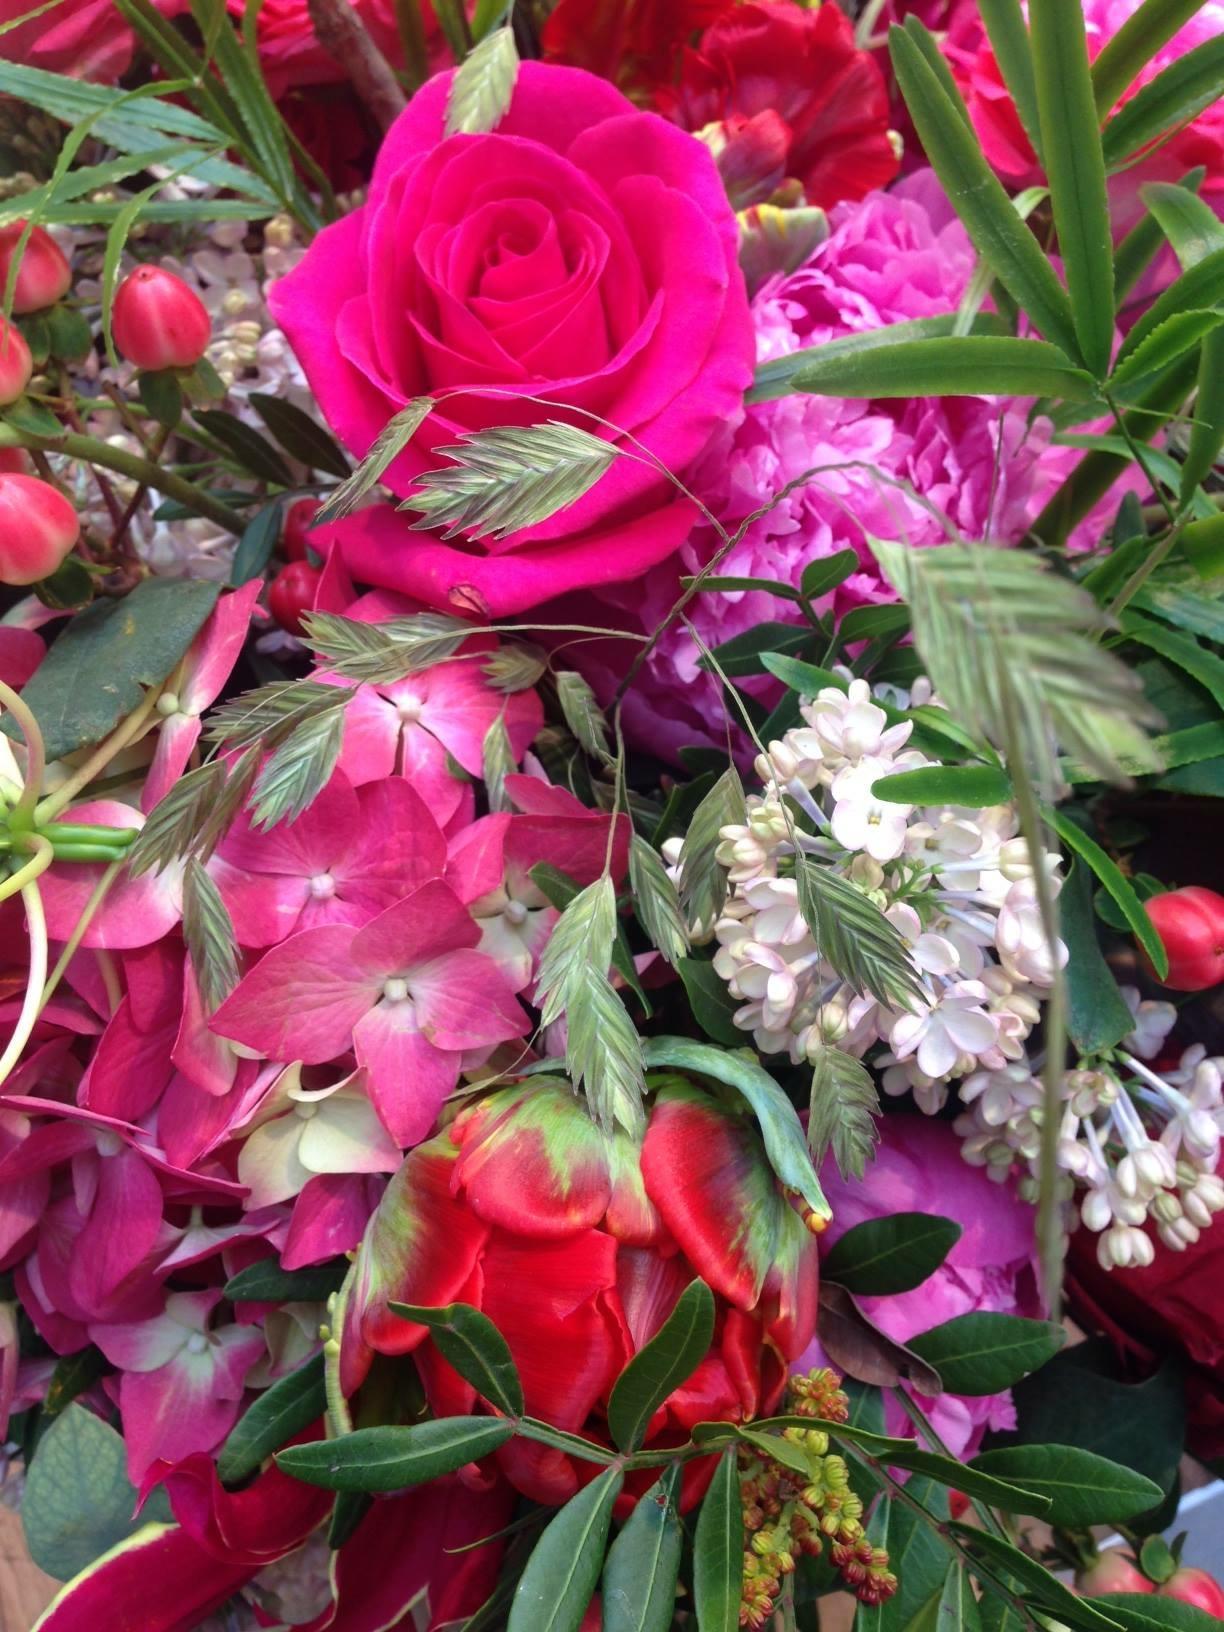 fleuriste+montpellier+fleur par nature+ livraison+mariage+bouquet+domicile+jean (5)